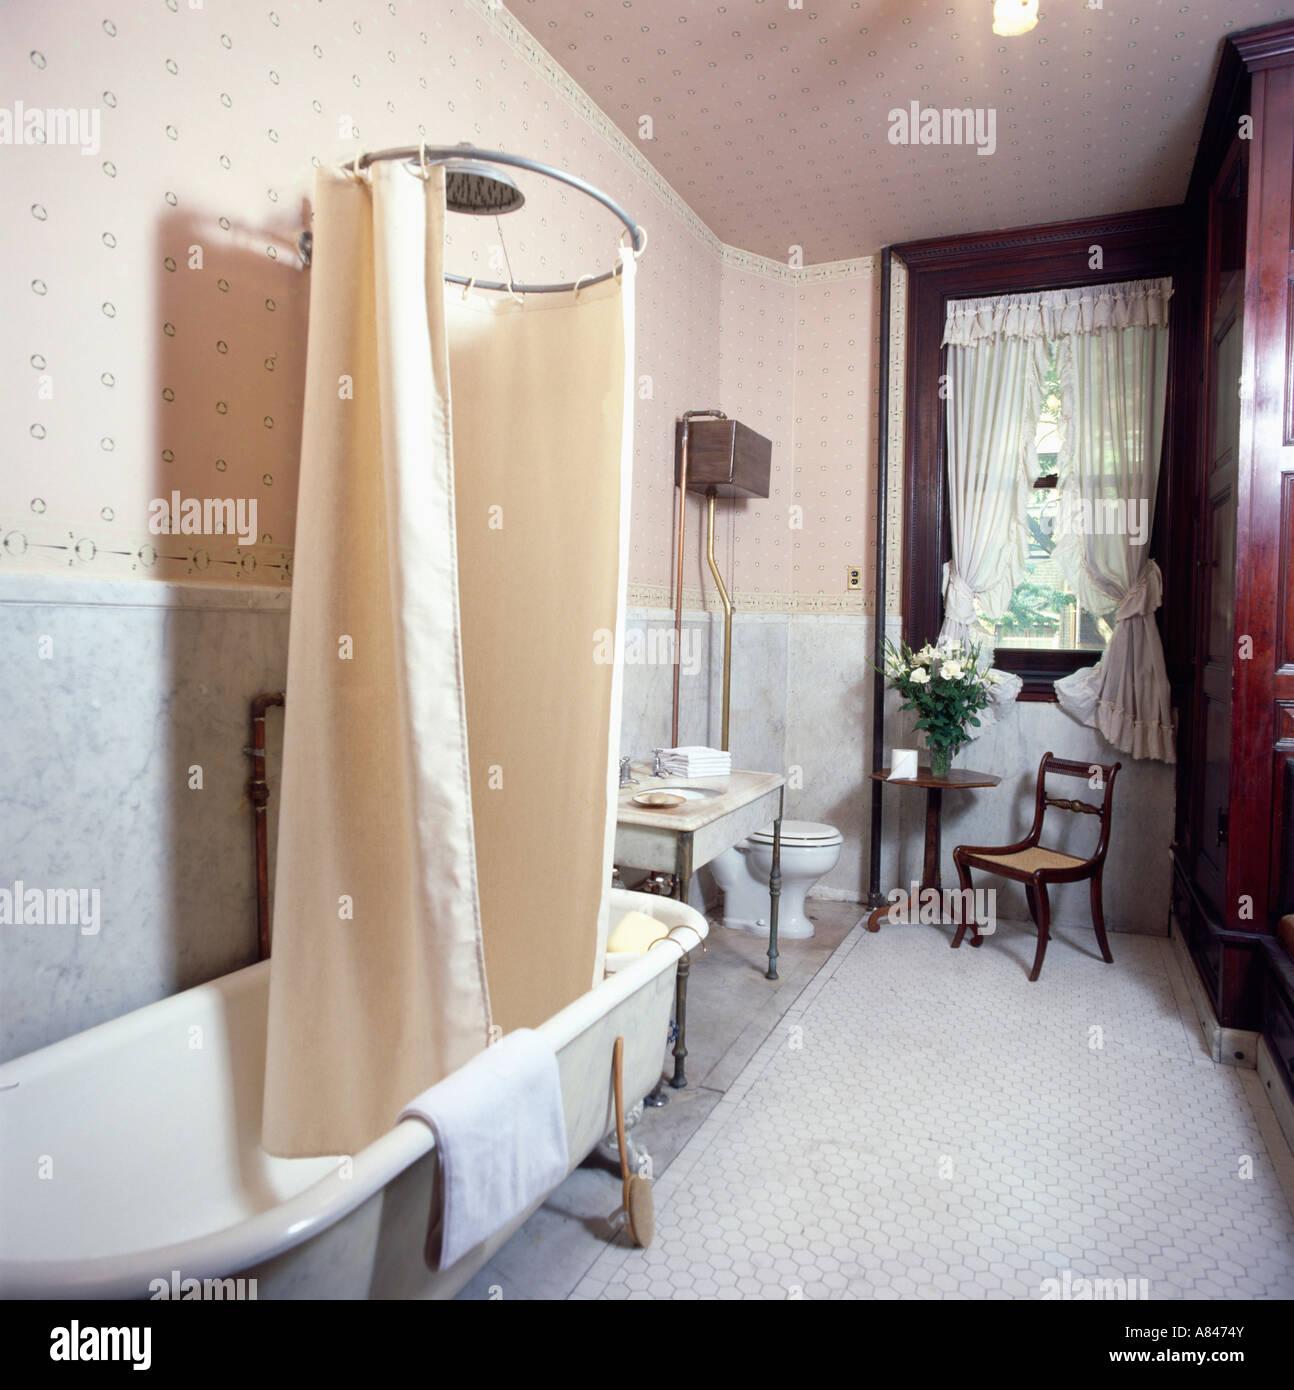 Couvercle cylindrique autostable baignoire avec rideau de douche sur ...